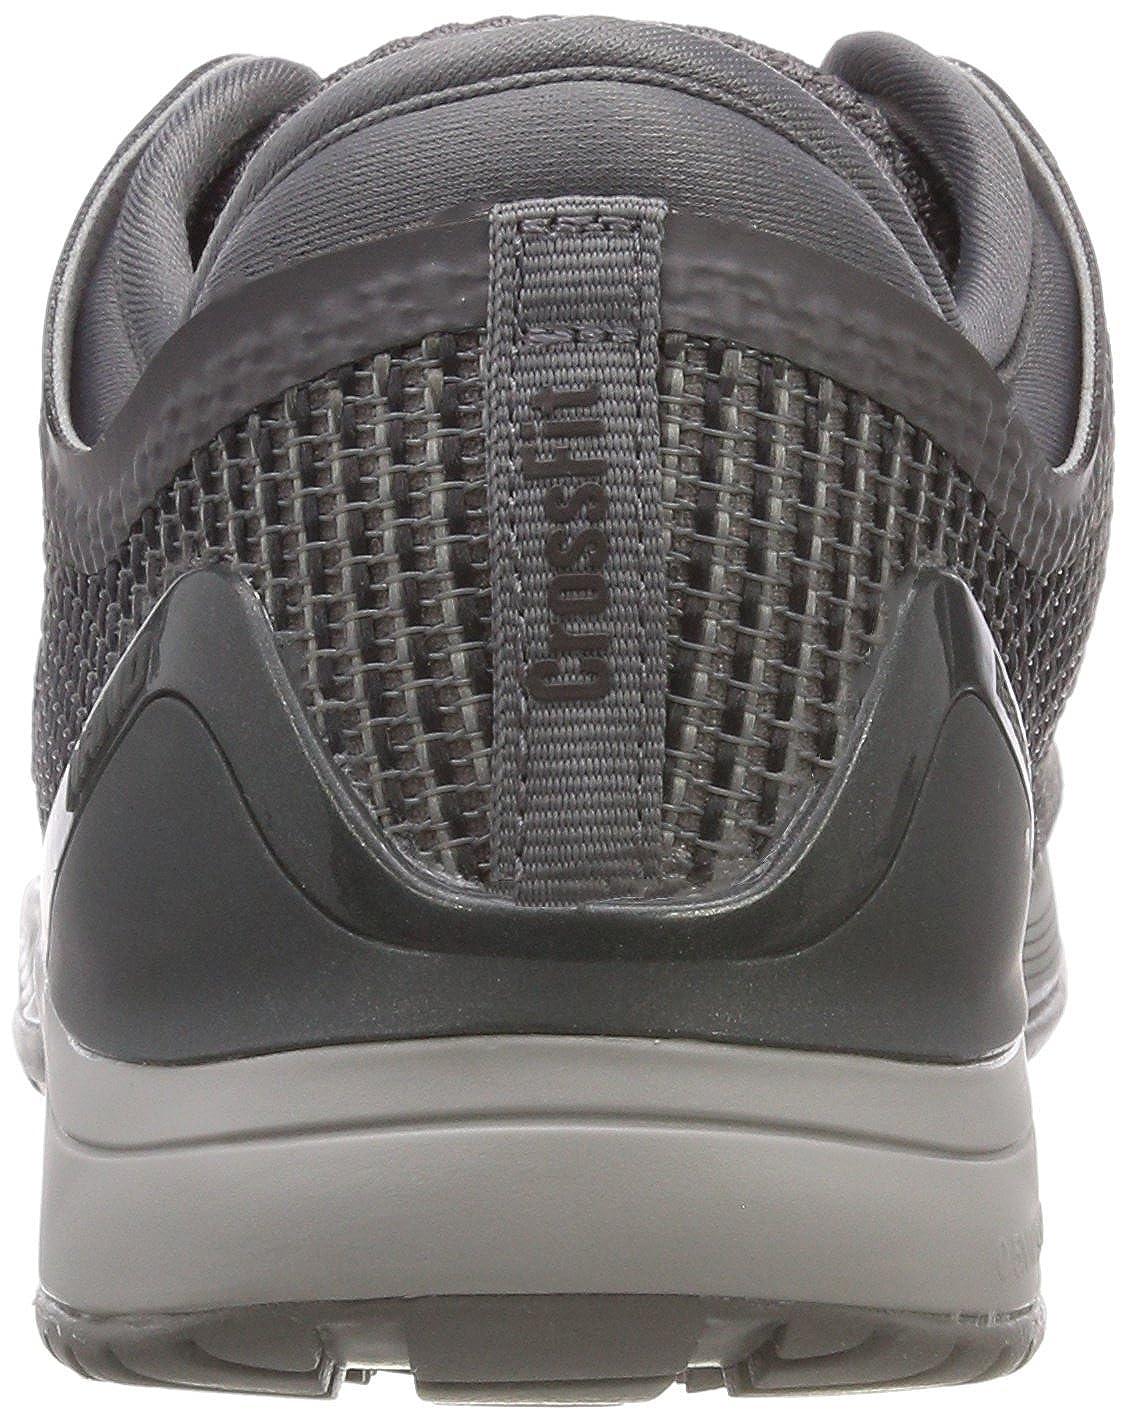 Reebok R Crossfit Nano 8.0, Scarpe da Fitness Donna | | | Miglior Prezzo  b252ca